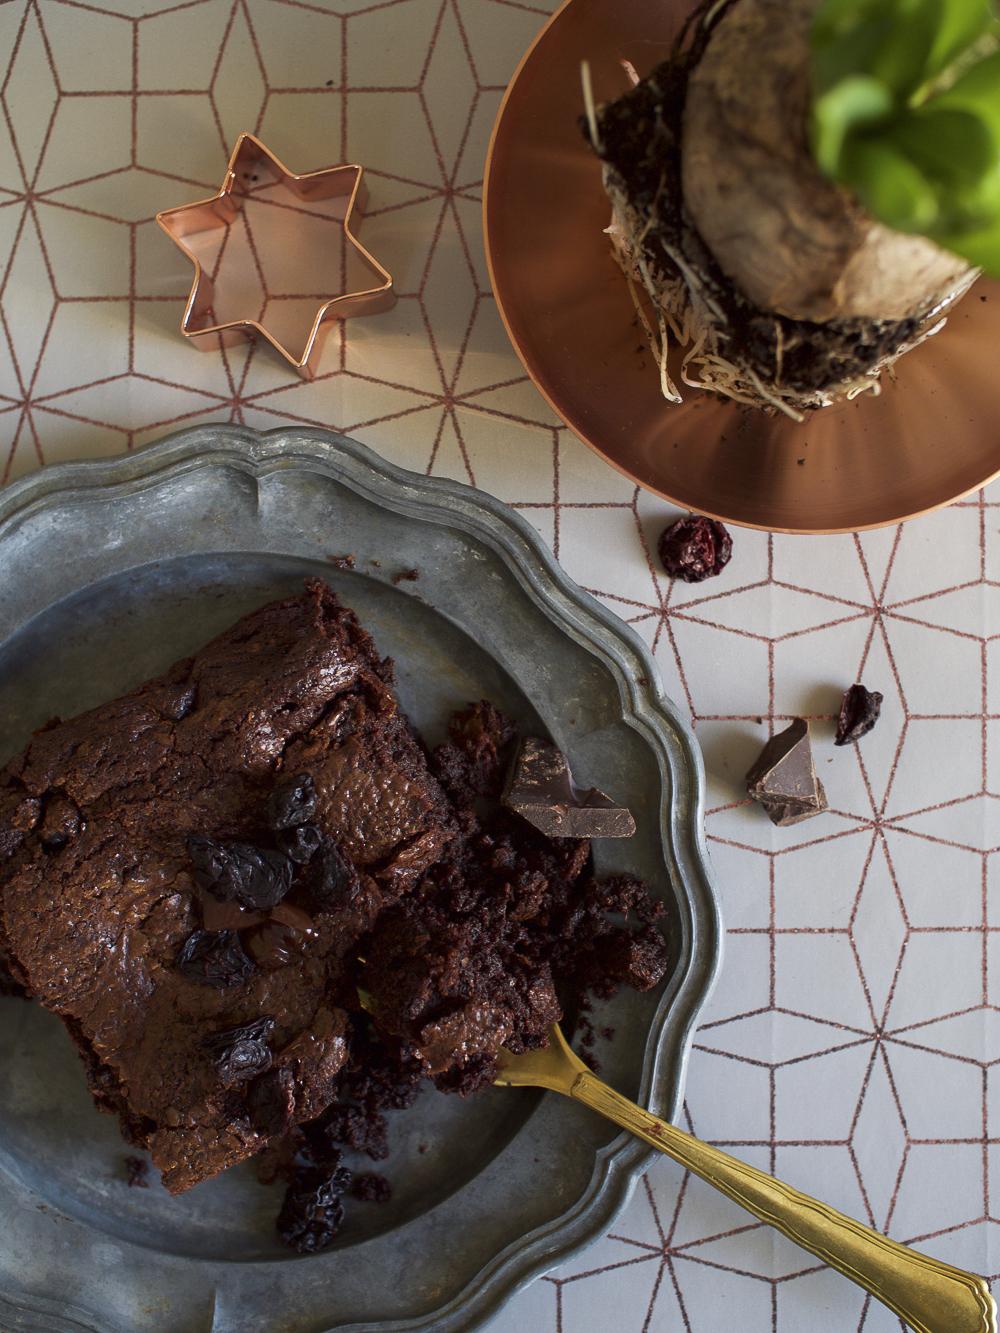 Mulled wine and cherries brownie